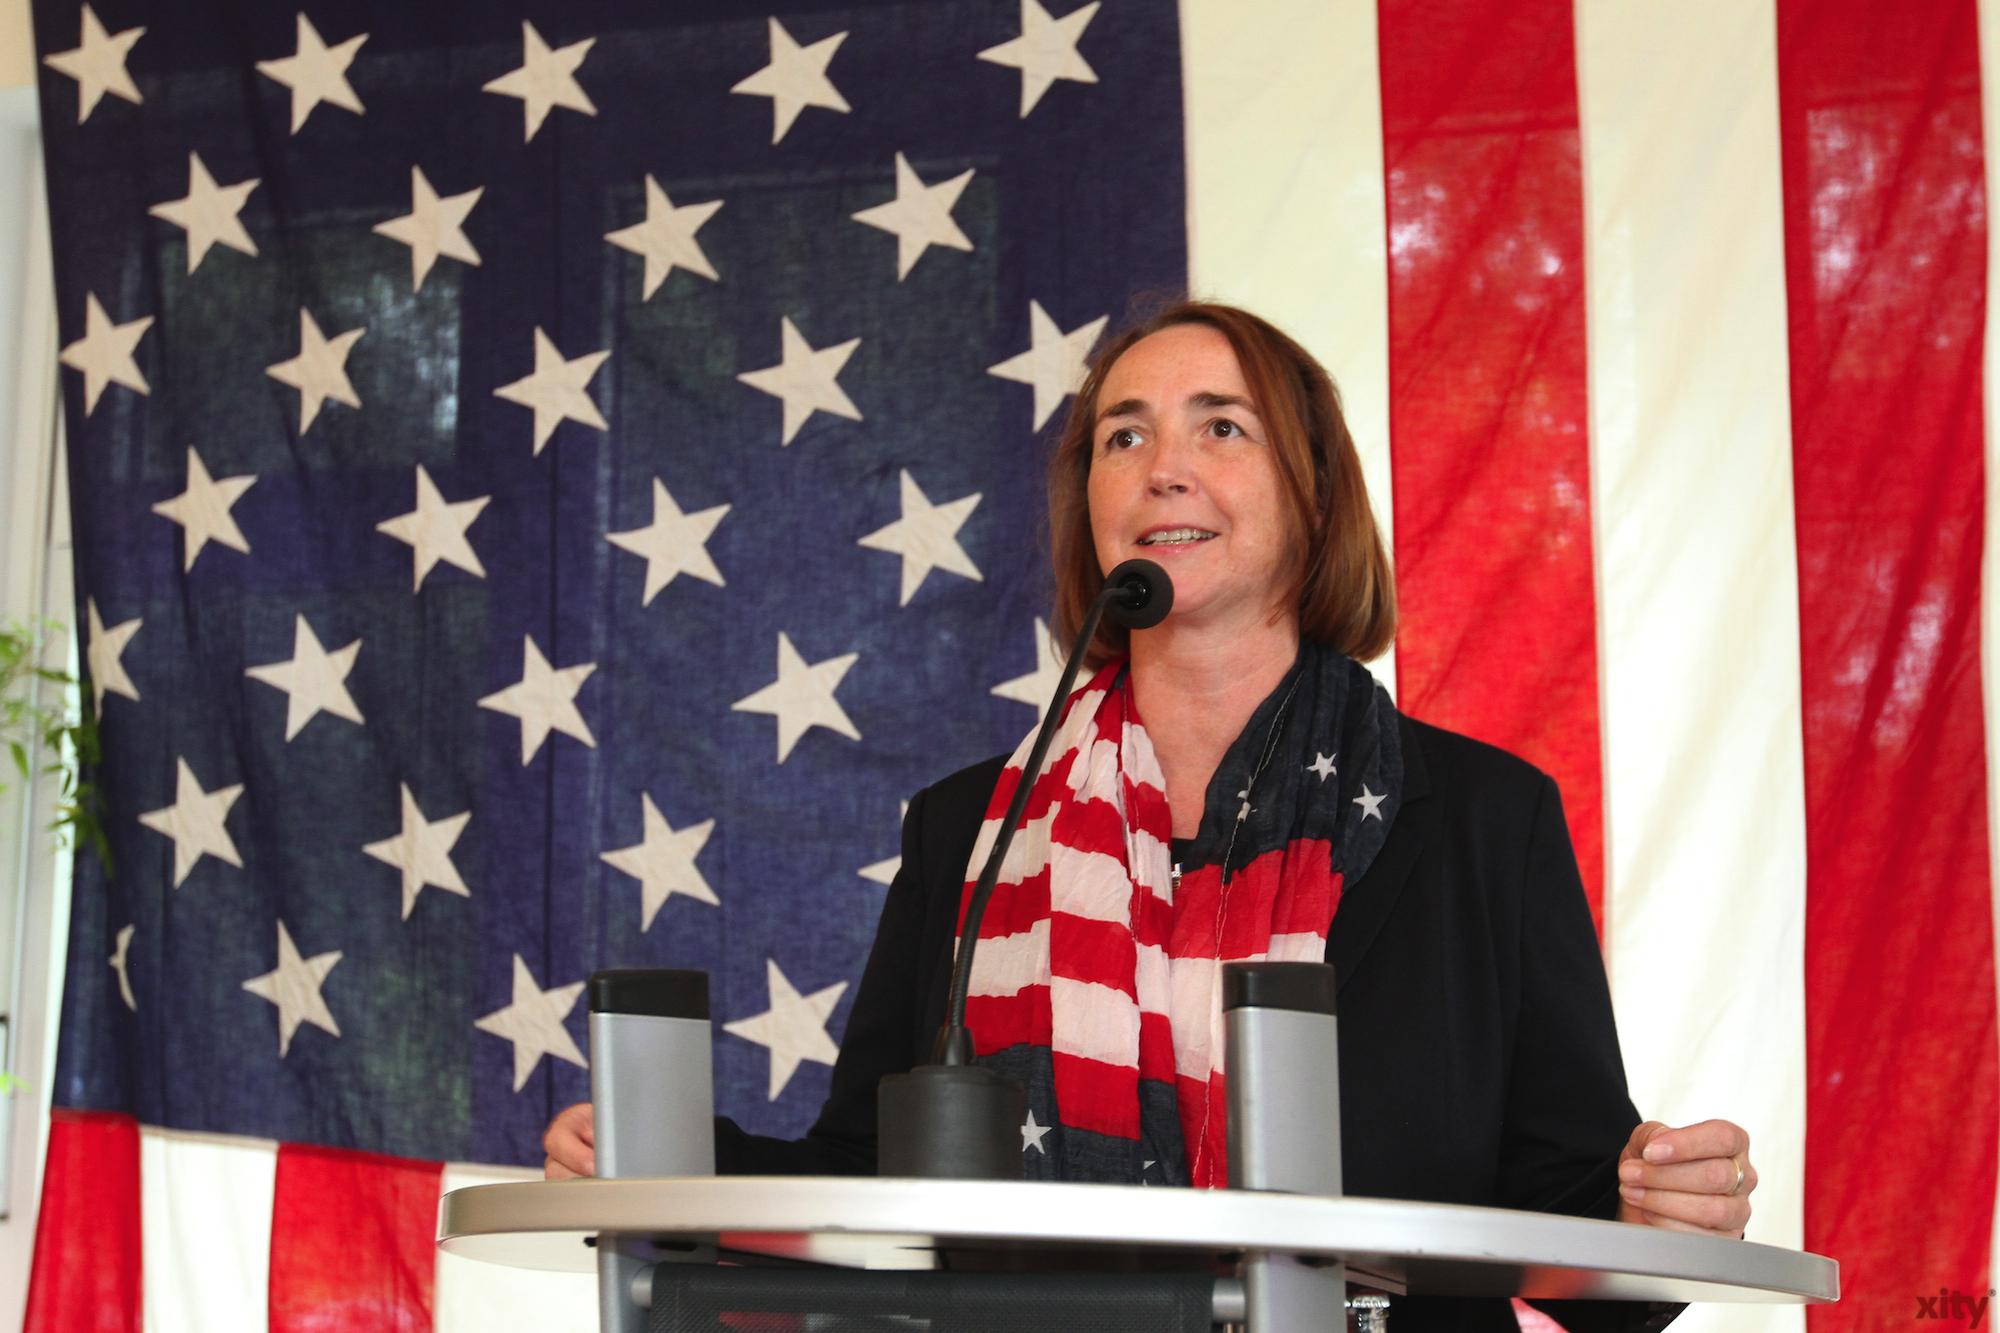 Als Vertreterin des Landes Nordrhein-Westfalen sprach Angela Freimuth, Vize-Chefin der FDP-Landtagsfraktion (Foto: xity)